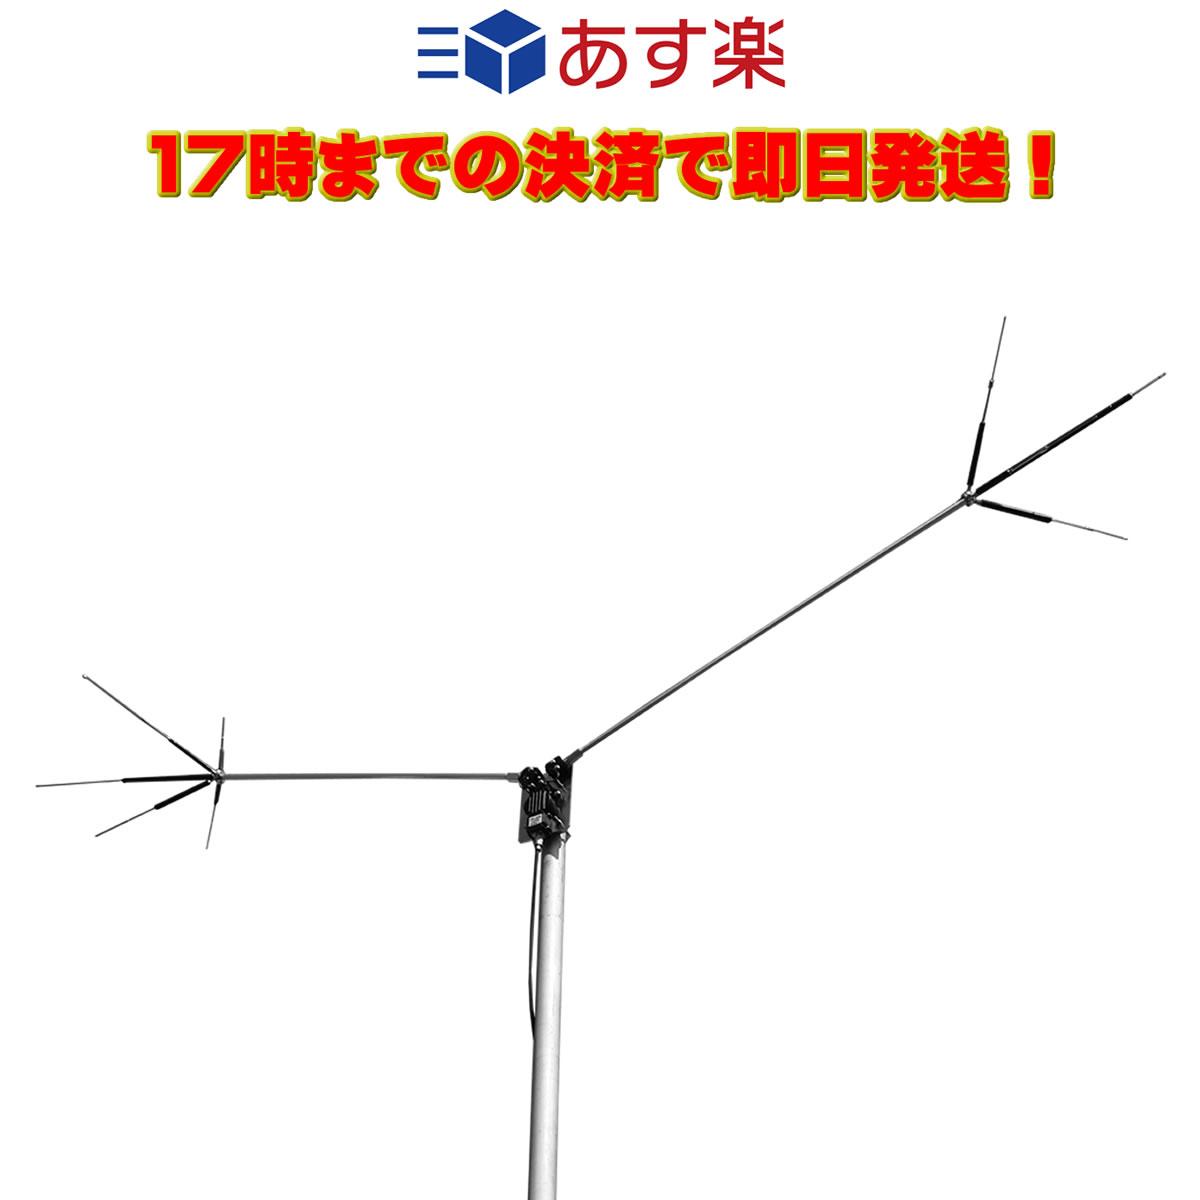 【ラッキーシール対応】 CHV-5 Plus コメット 7/18/21/28/50MHz 5バンド 角度可変型ダイポールアンテナ (14MHzオプションコイル追加)送料無料